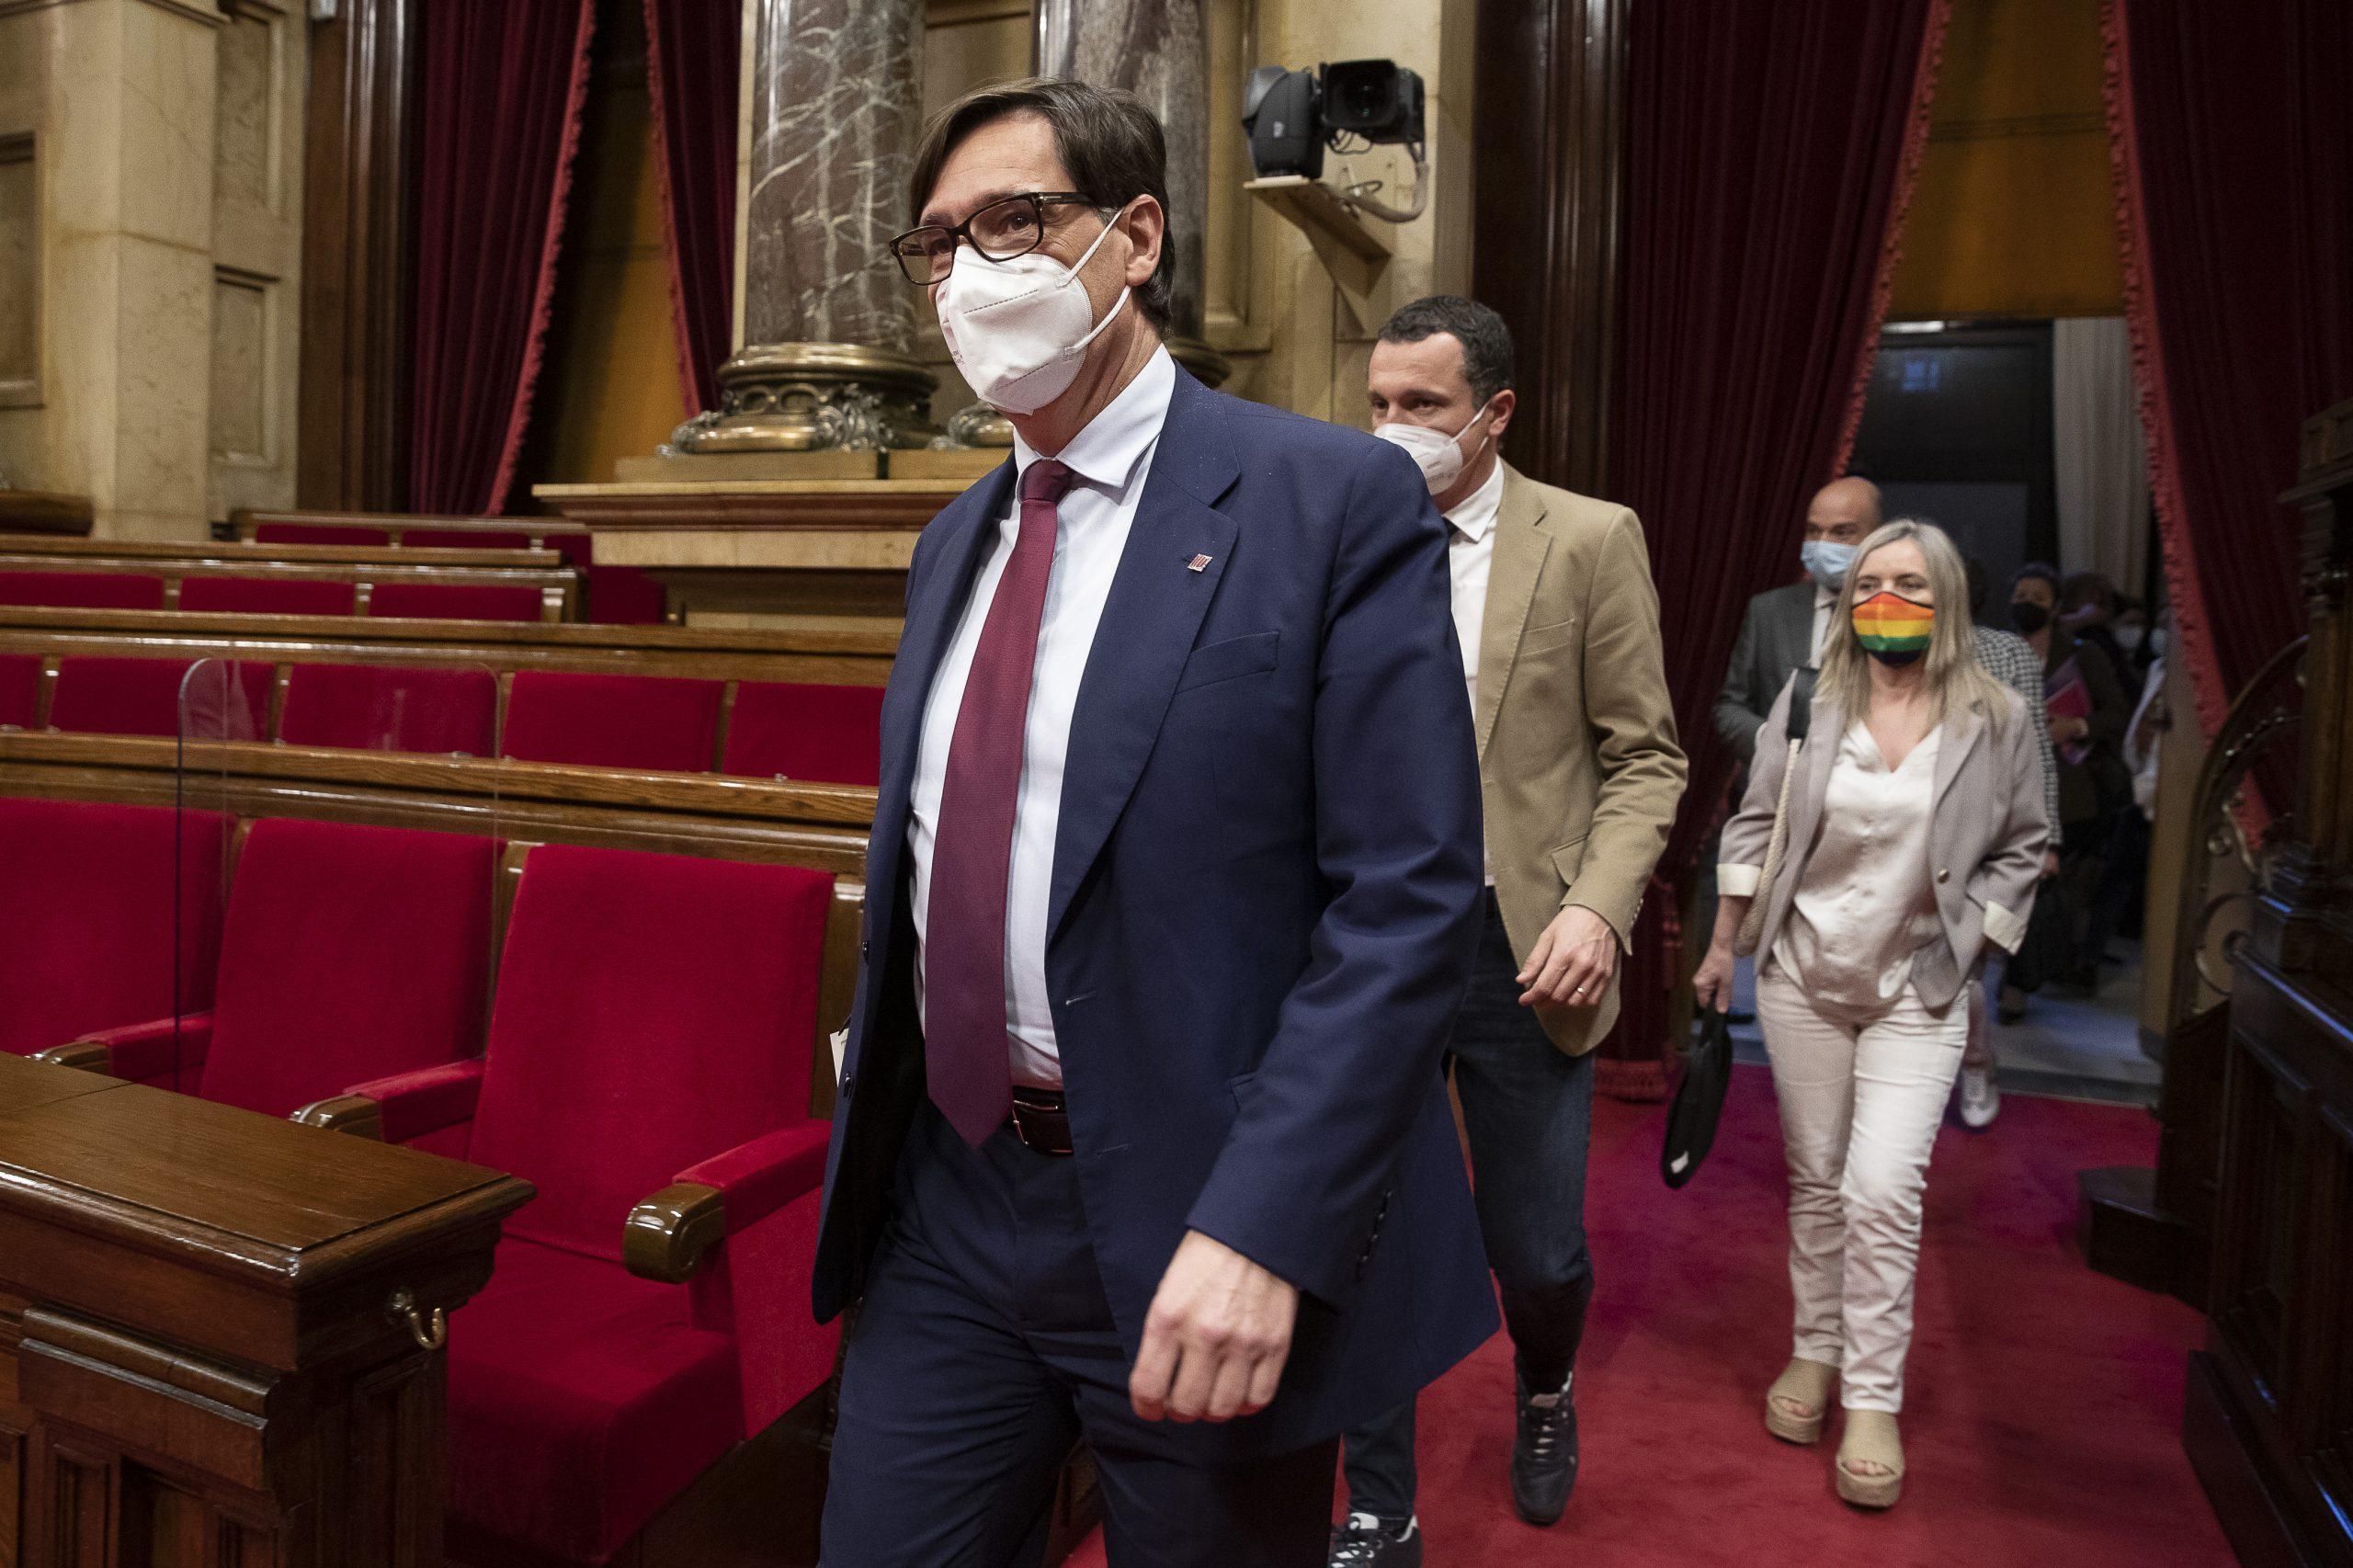 20.05.2021, Barcelona Debat d'investidura de Pere Aragonès com a President de la Generalitat al Parlament de Catalunya.  foto: ACN/Jordi Play